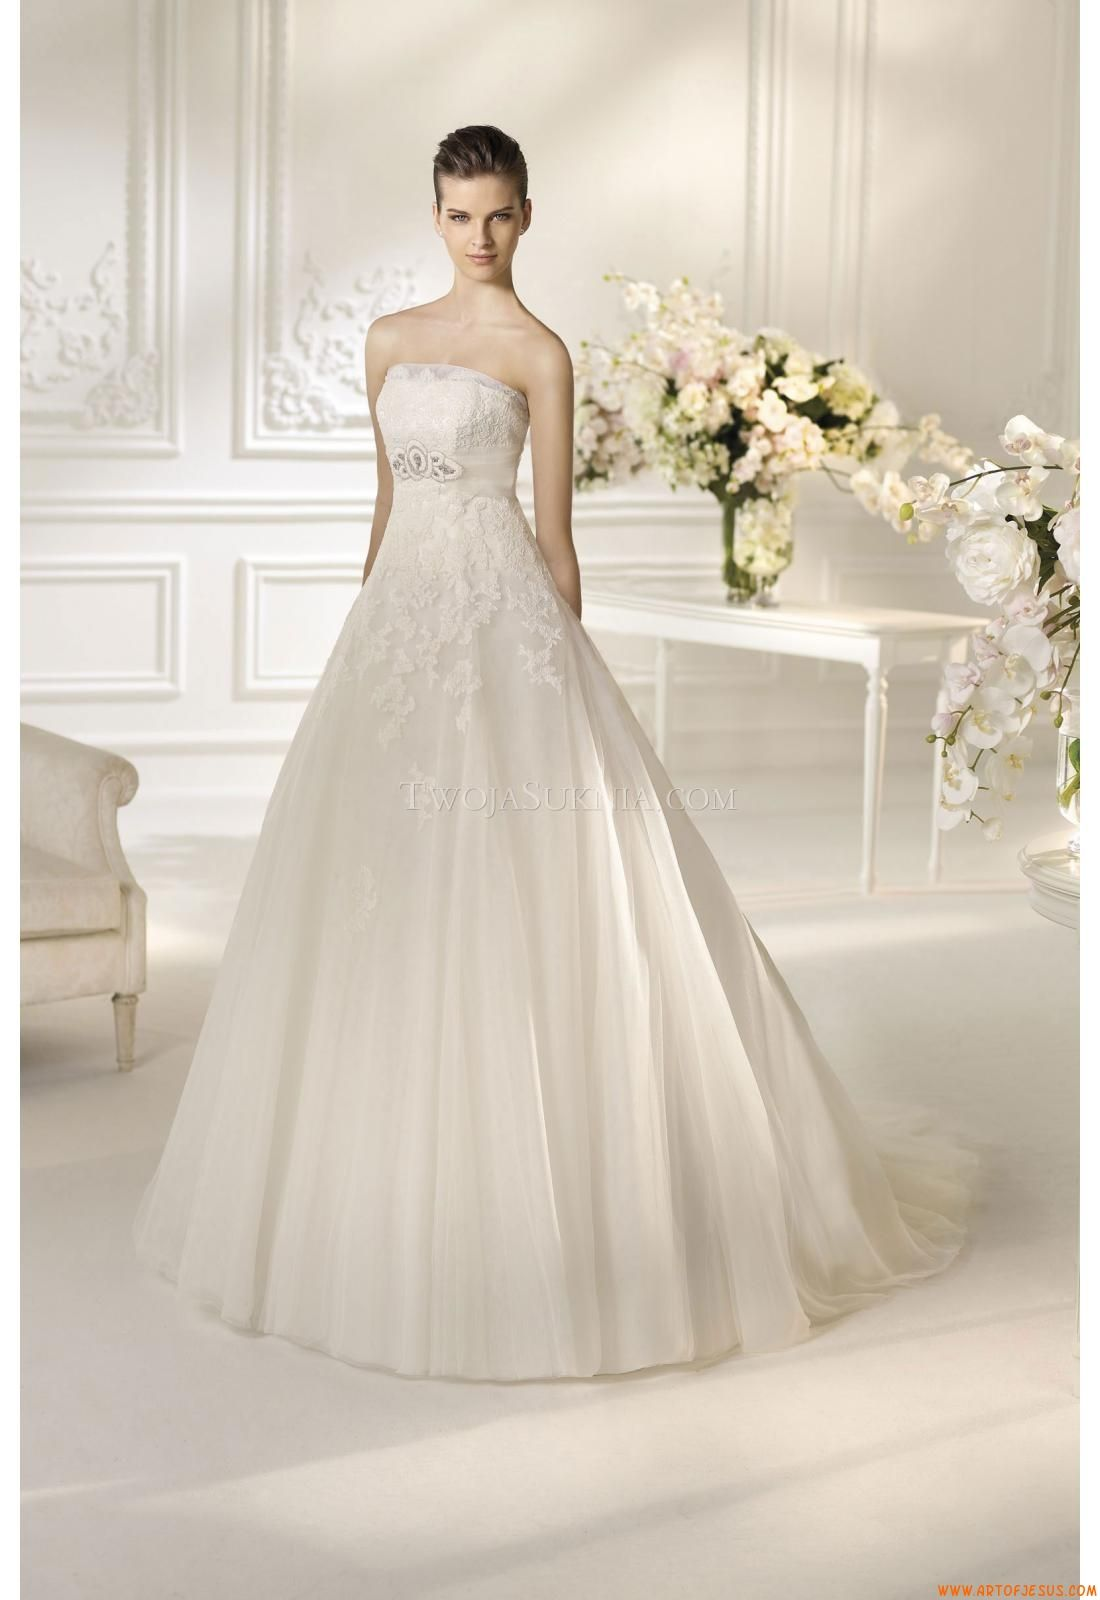 Wedding dresses white one ningua 2013 wedding dresses online wedding dresses white one ningua 2013 ombrellifo Images